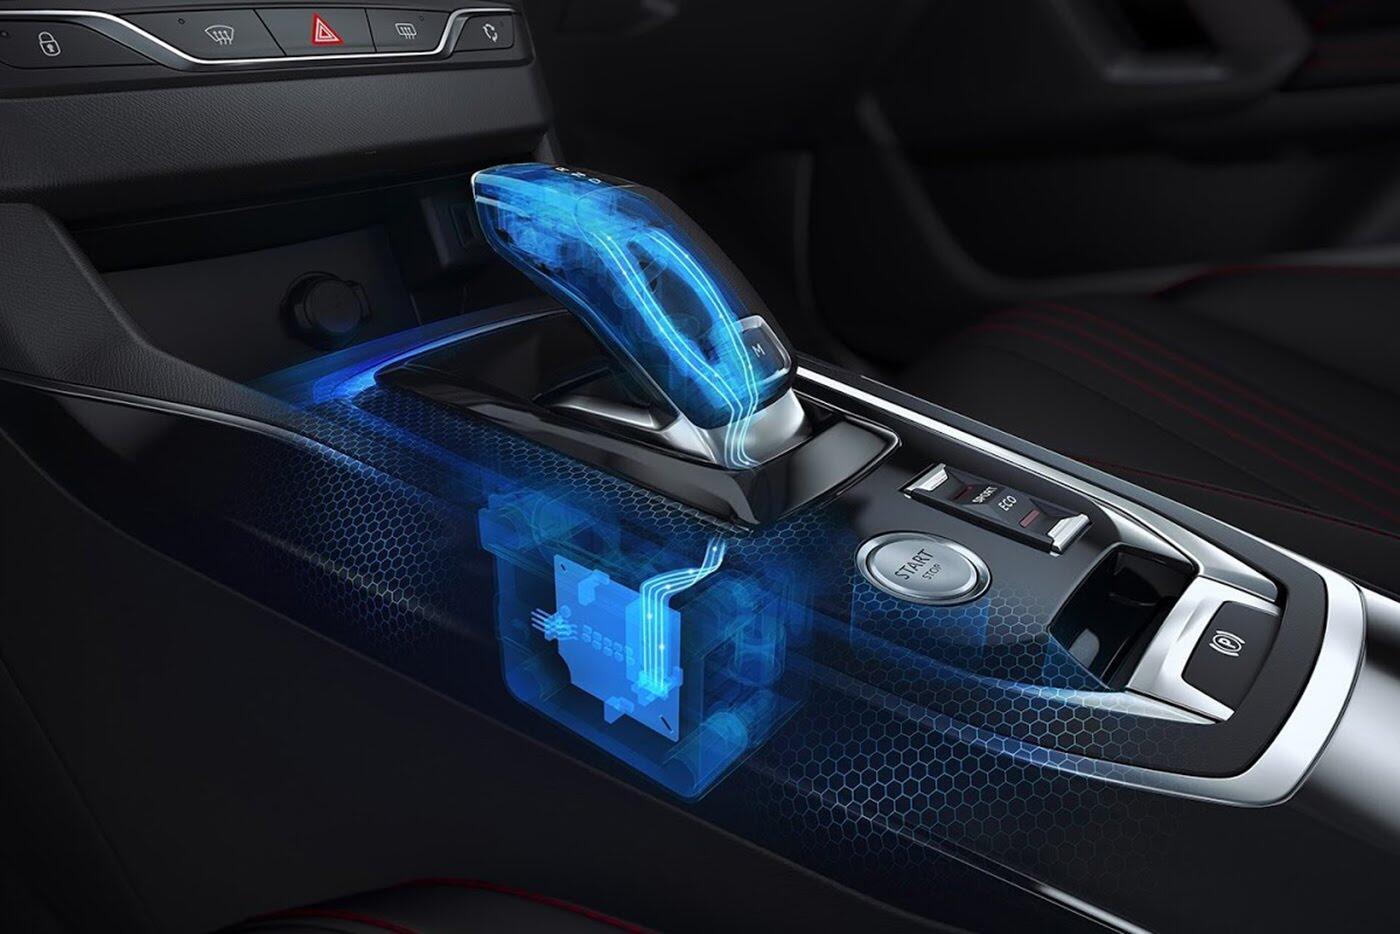 Thêm thông tin về động cơ của Peugeot 308 bản nâng cấp 2018 - Hình 7